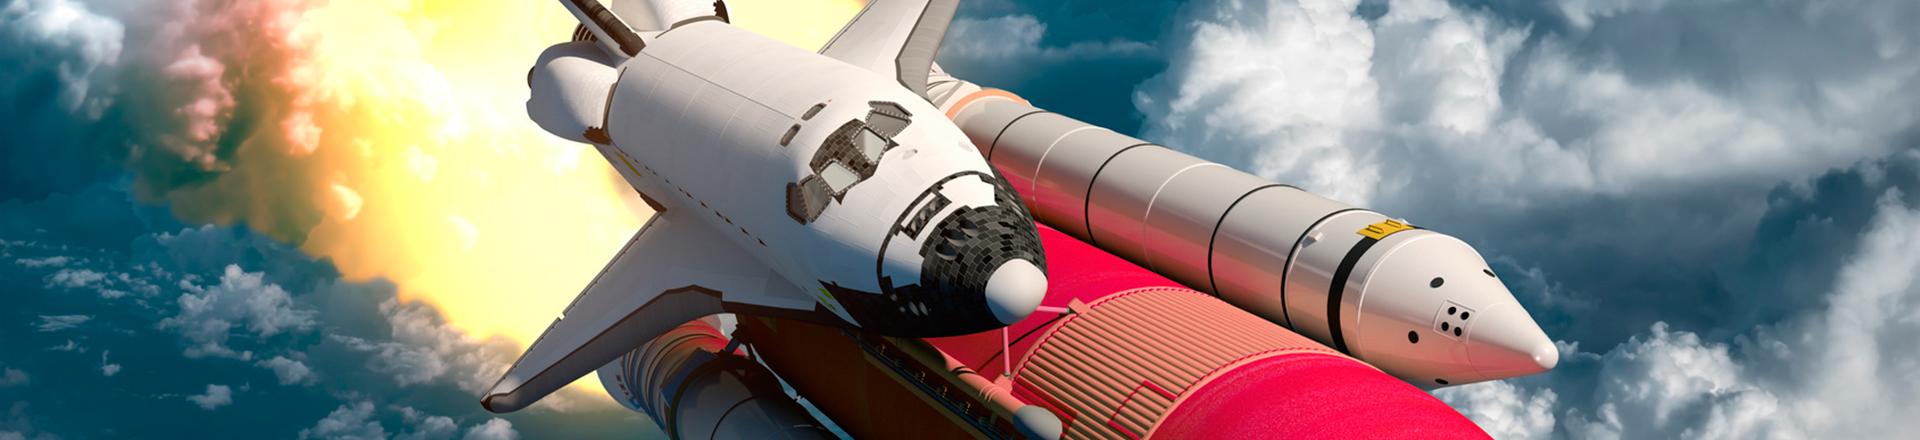 WNG fusée lancement projet digital